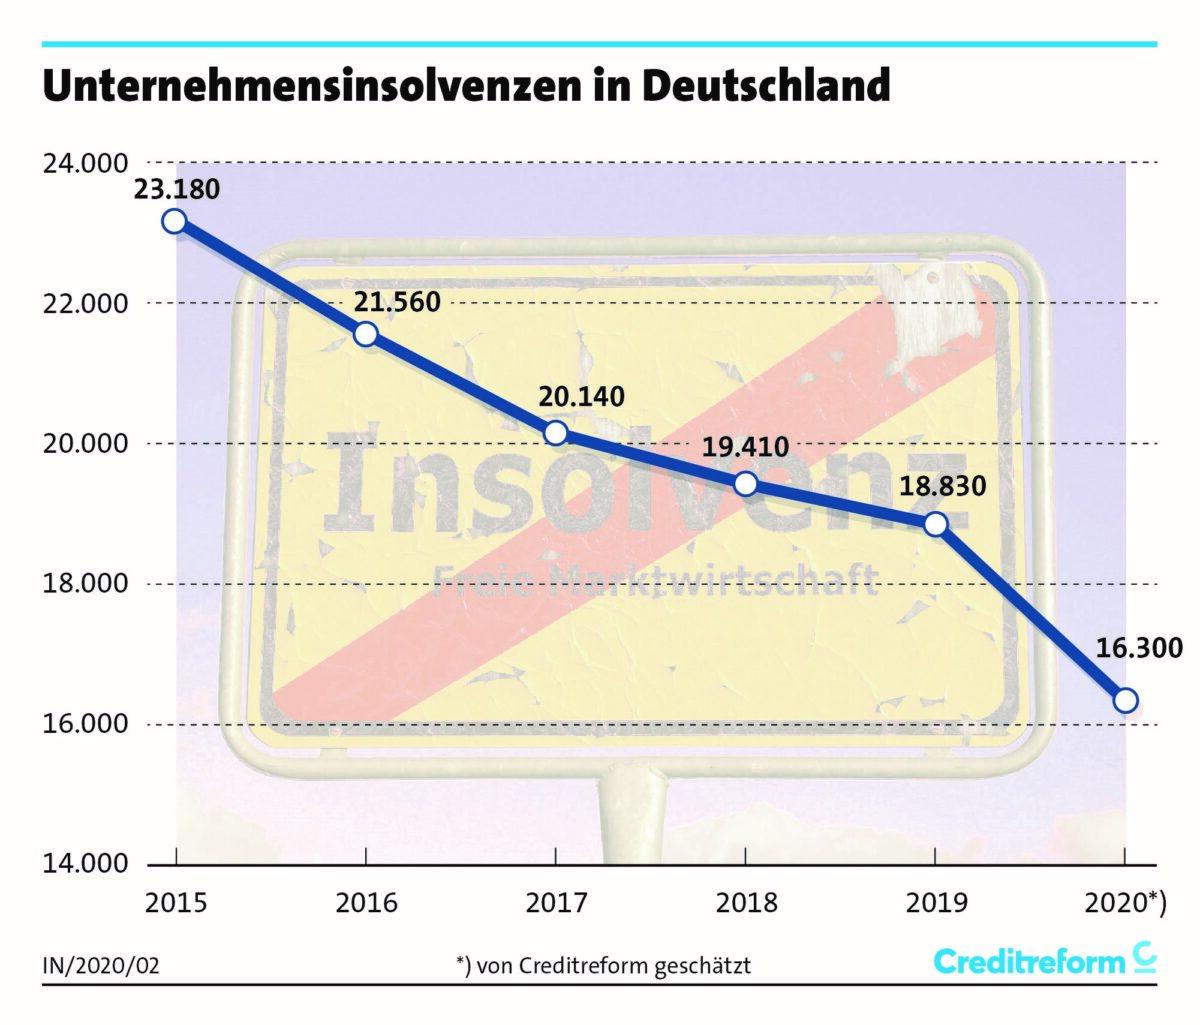 Chart zeigt seit 2015 die Entwicklung der Unternehmensinsolvenzen